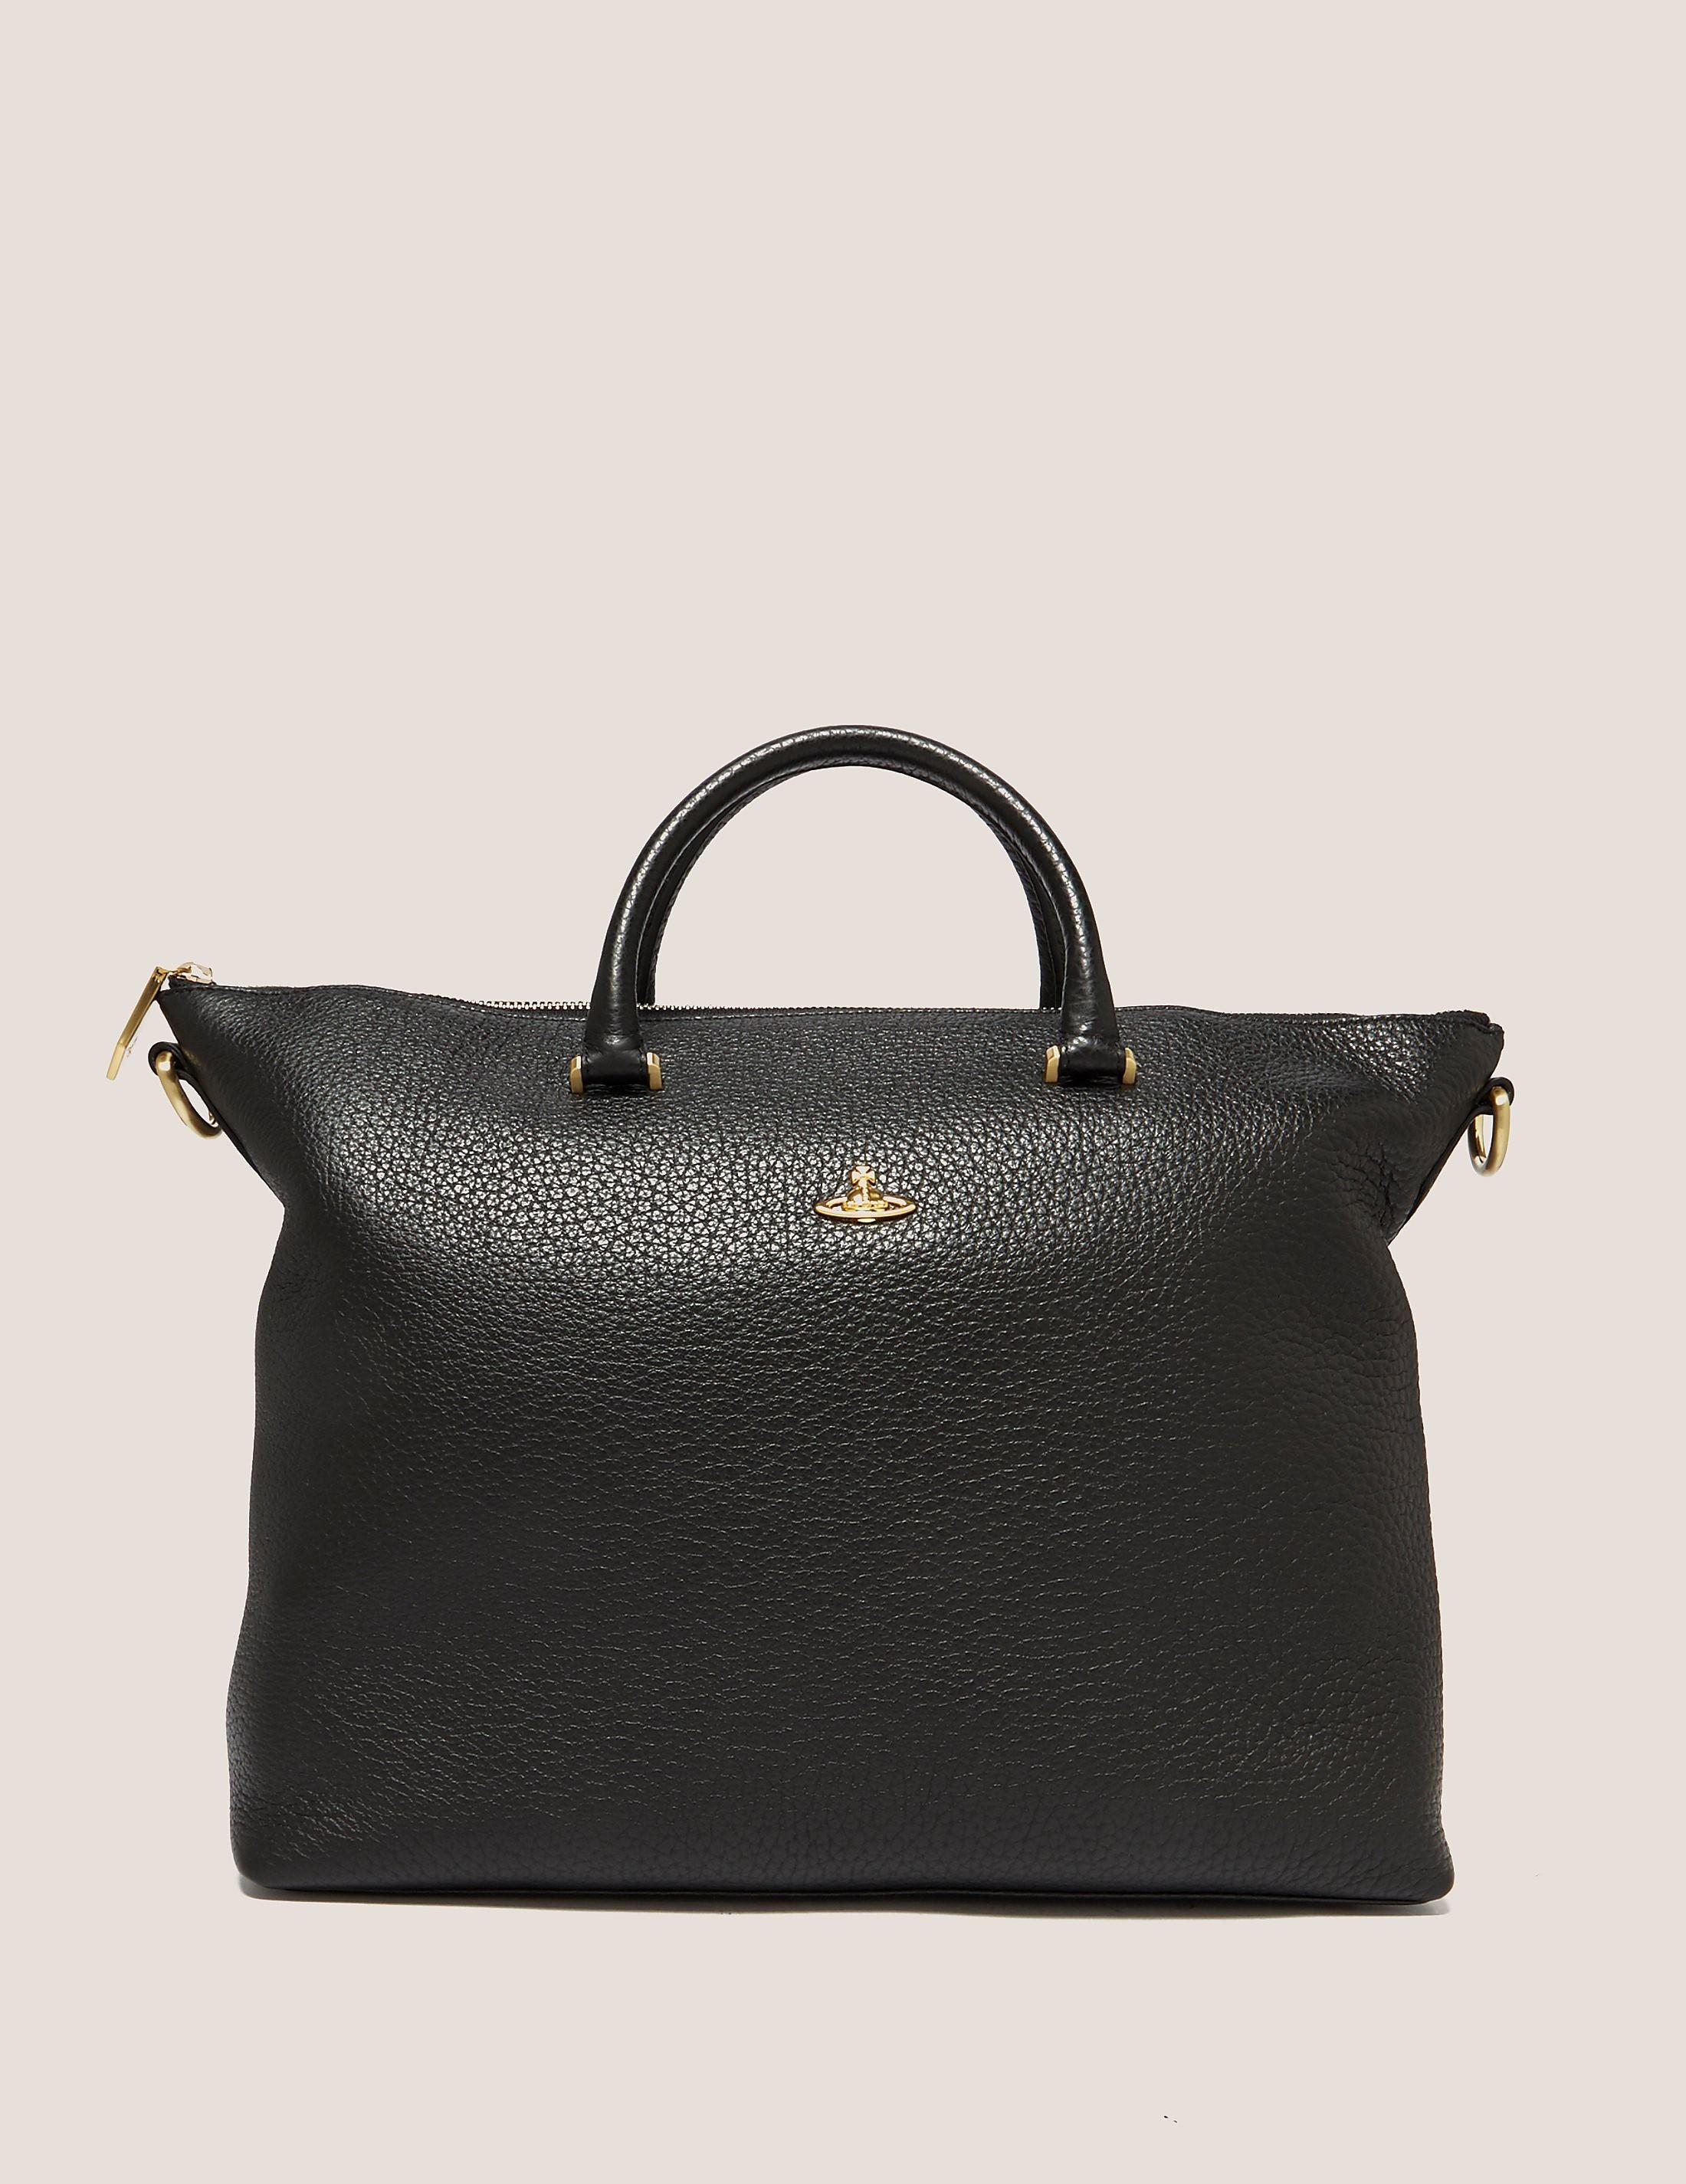 Vivienne Westwood Belgravia Handbag - Online Exclusive